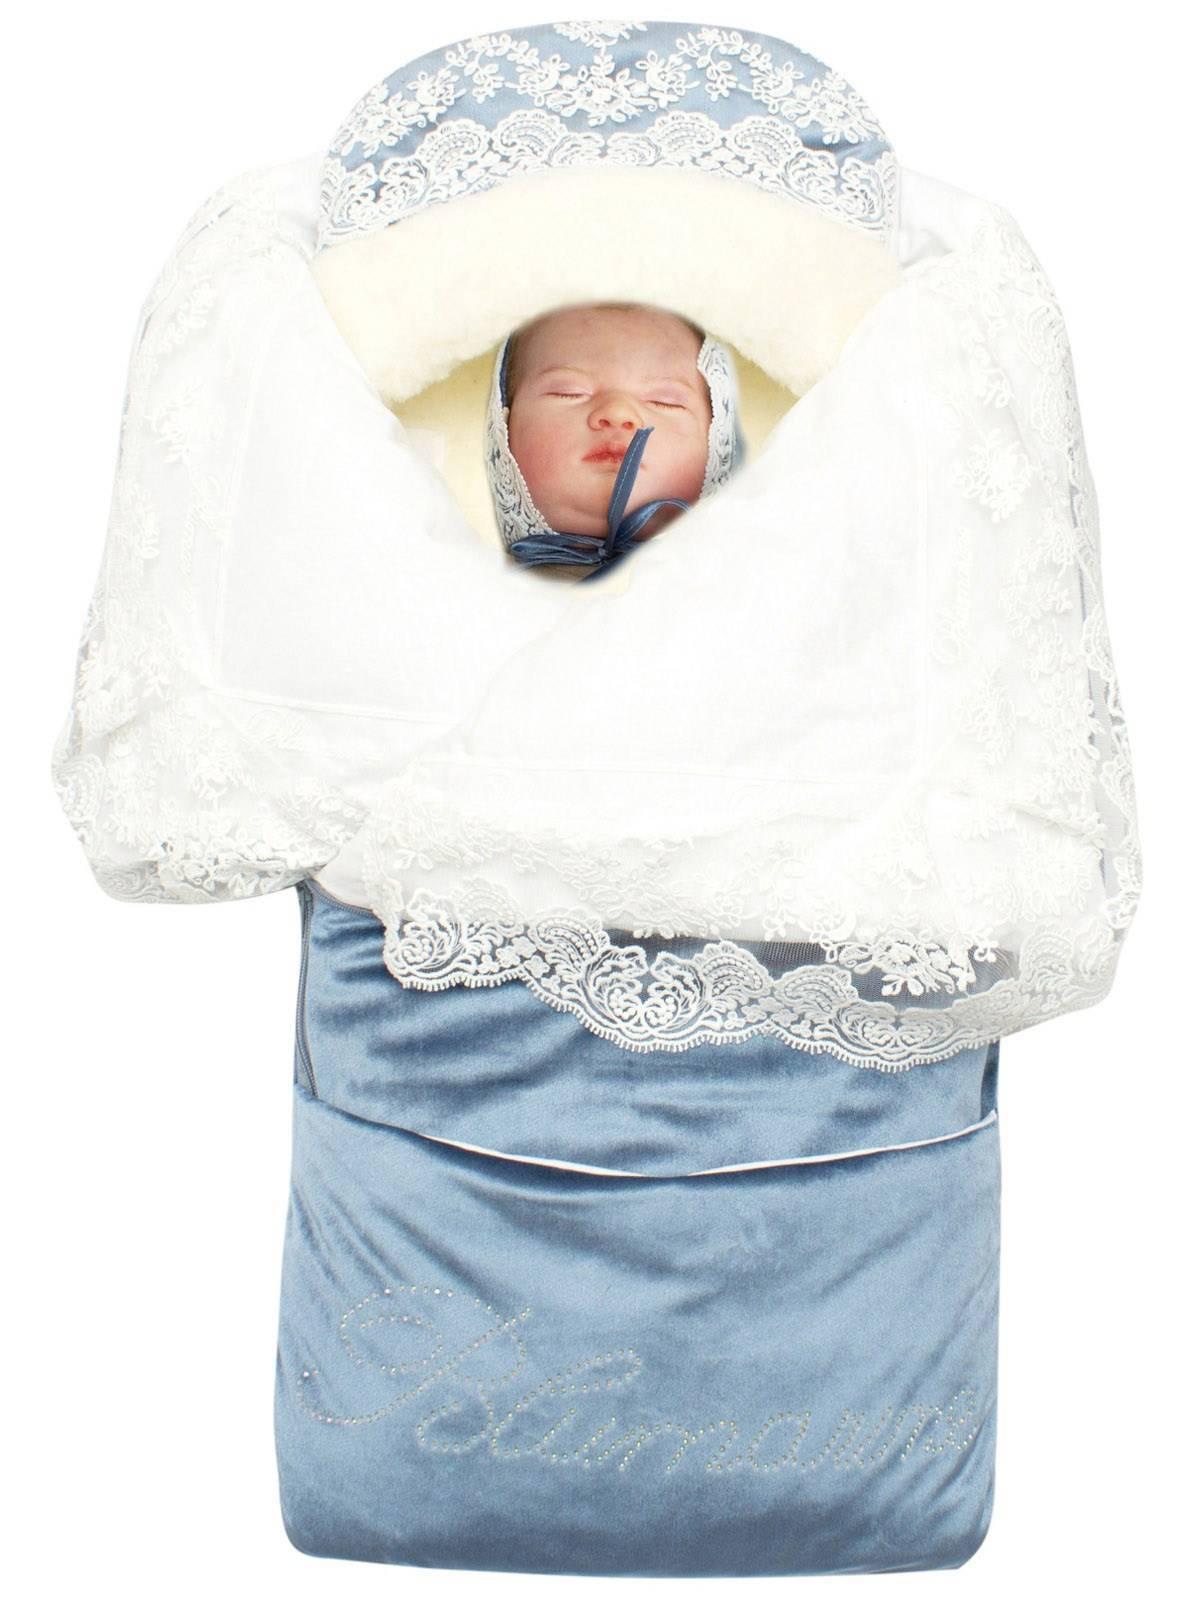 Конверт на выписку из роддома: зимний, летний для новорожденного мальчика, девочки. из ткани, вязаные, комбинезоны, одеяло. как сшить своими руками